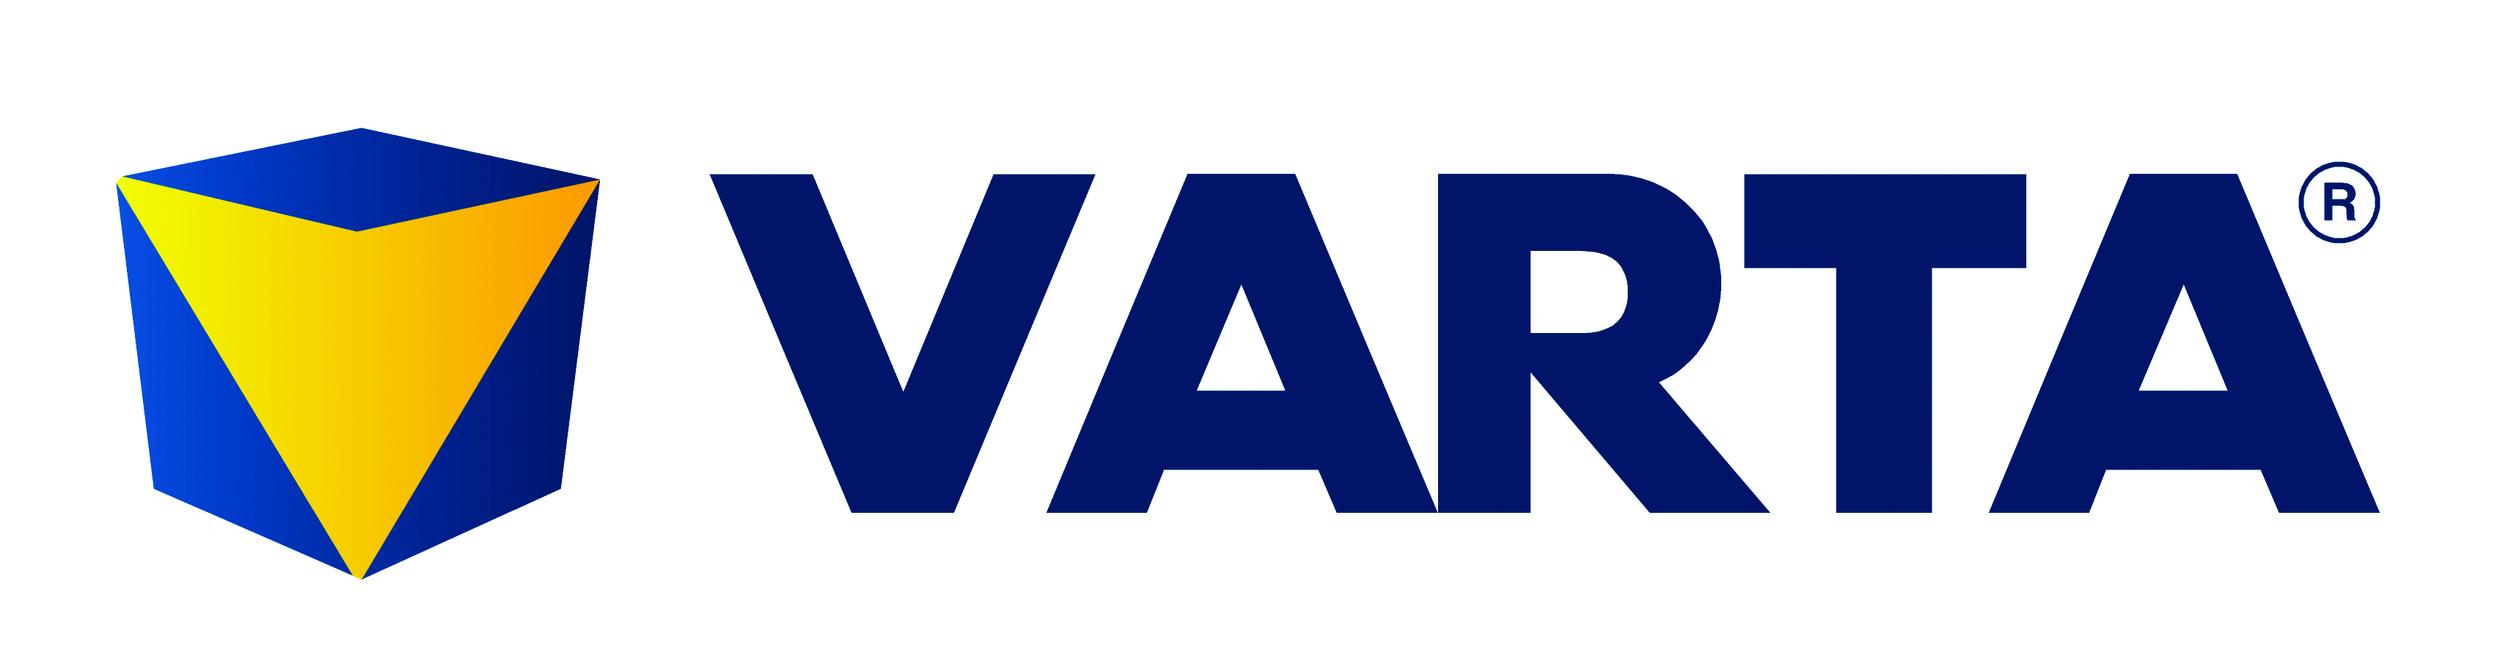 varta_logo.jpg